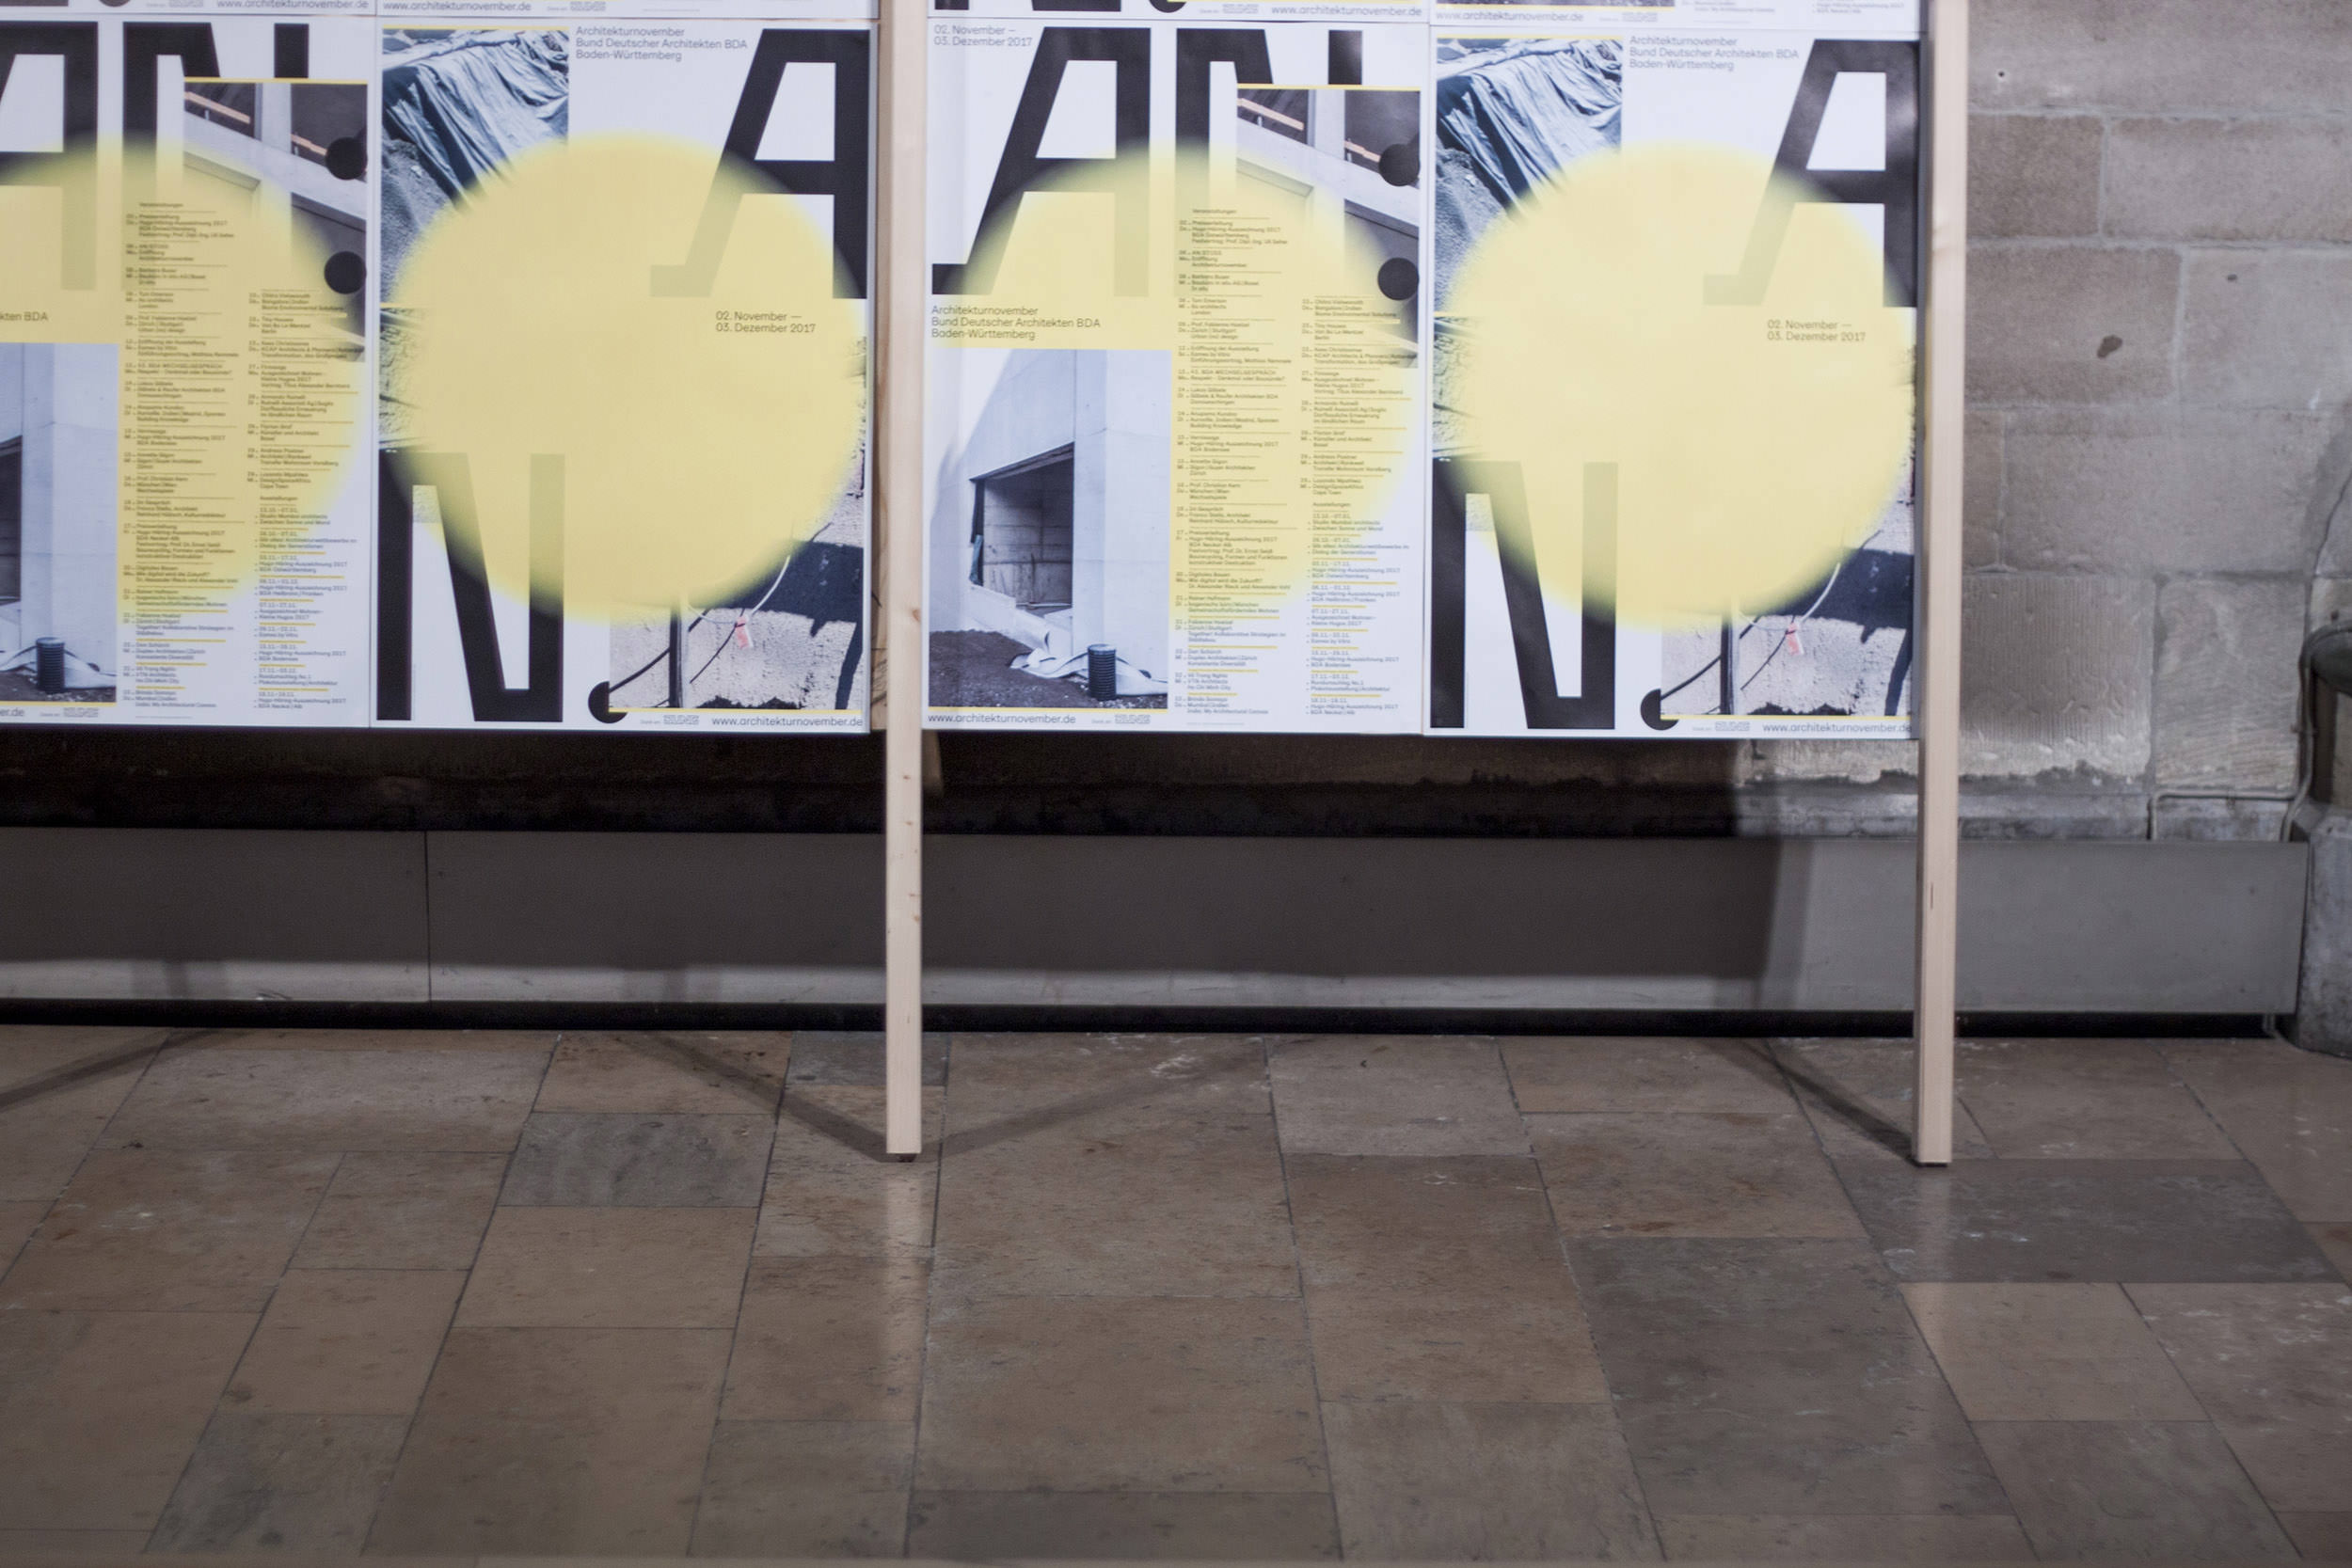 Plakatwand für den Architekturnovember bei der Eröffnungsveranstaltung des einmonatigen Architekturfestivals.